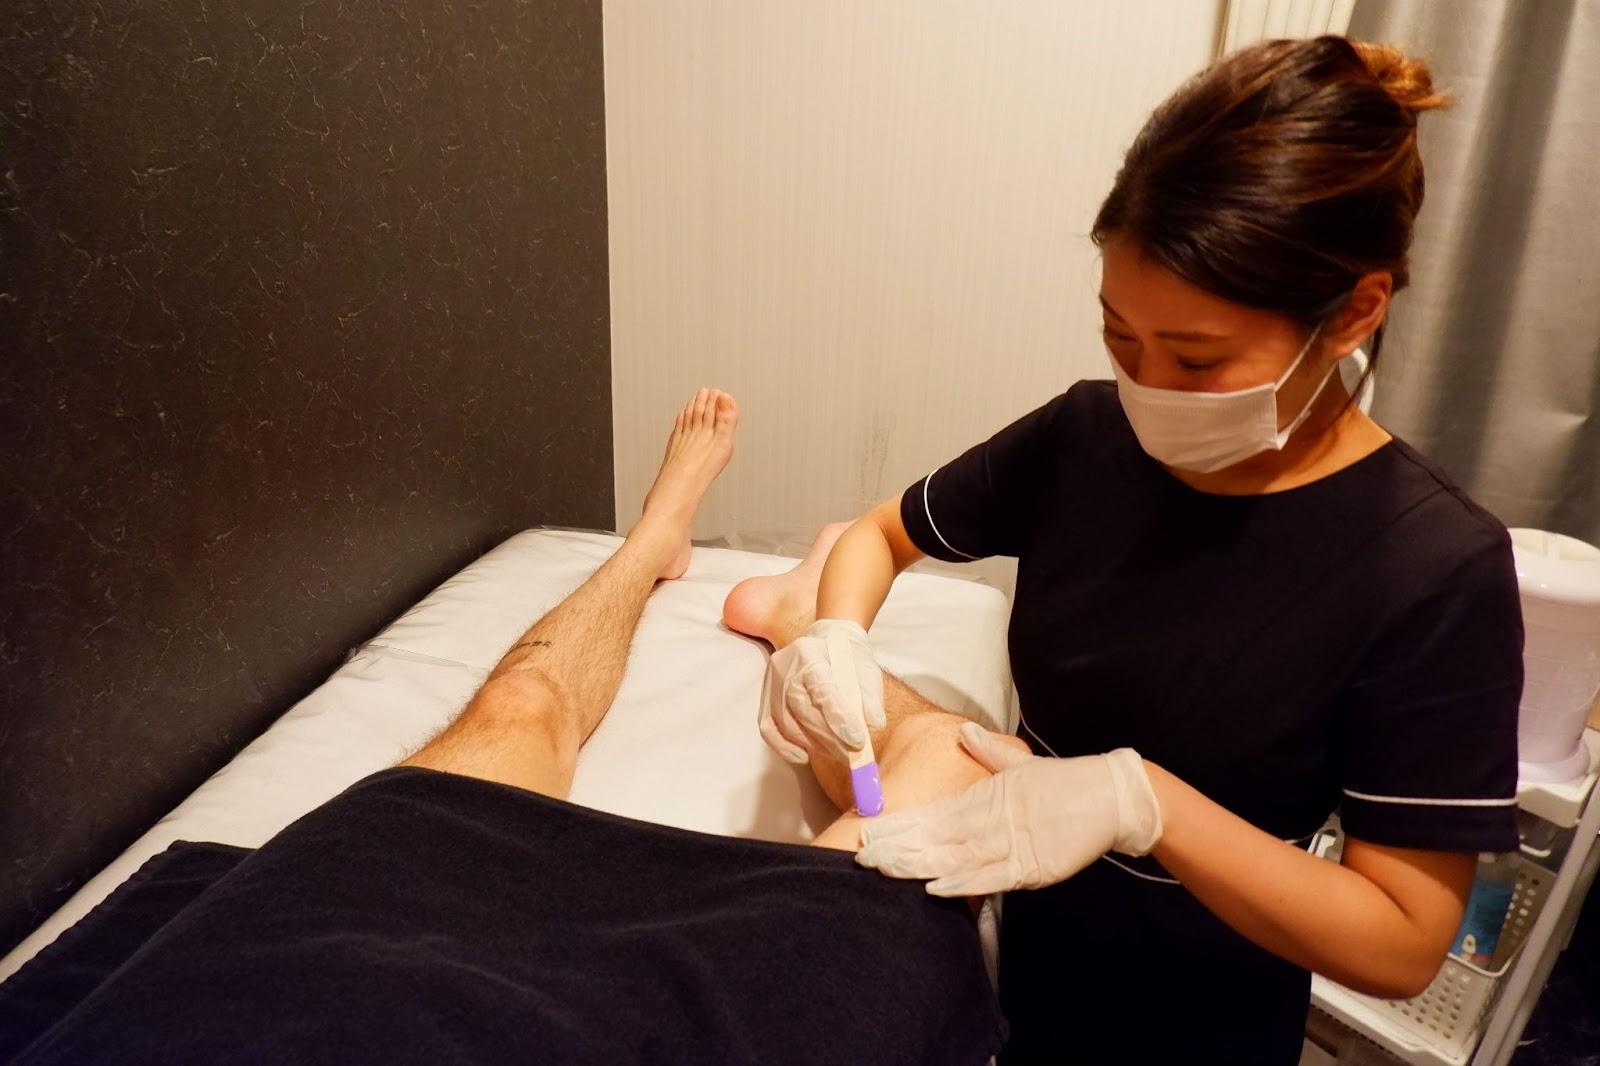 男性の脚のブラジリアンワックス脱毛の施術